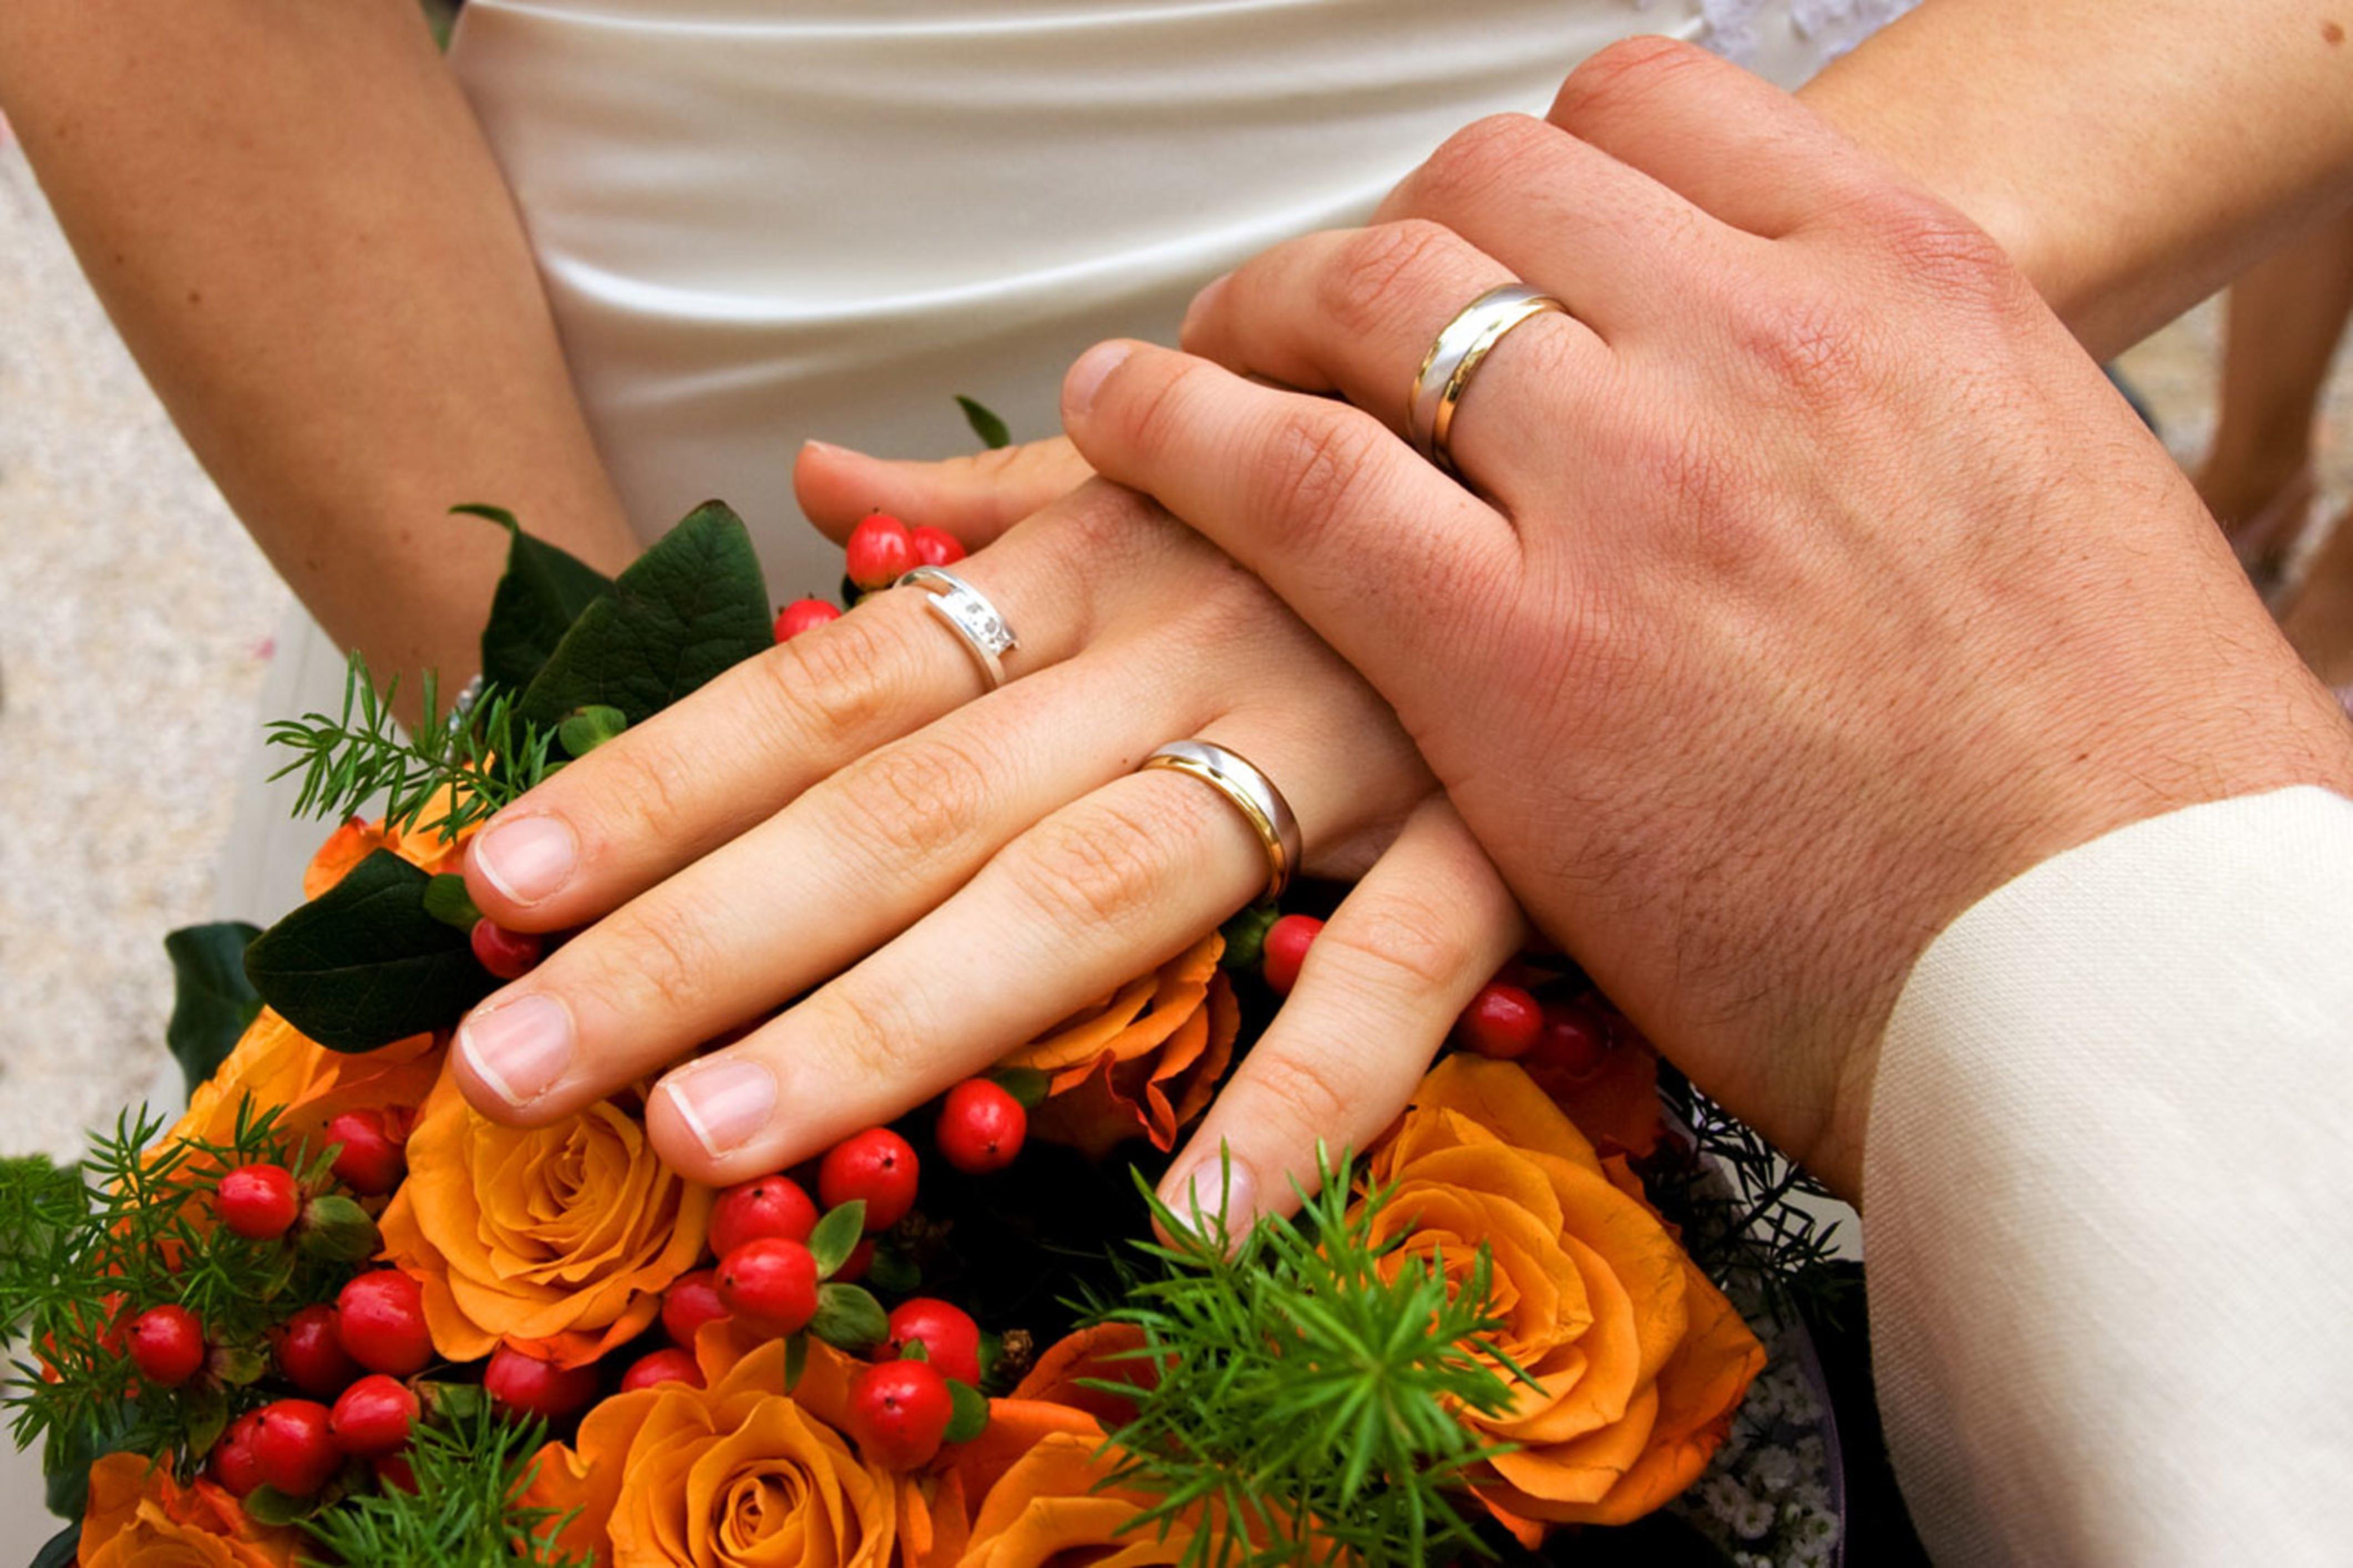 Unconventional wedding flower arrangements